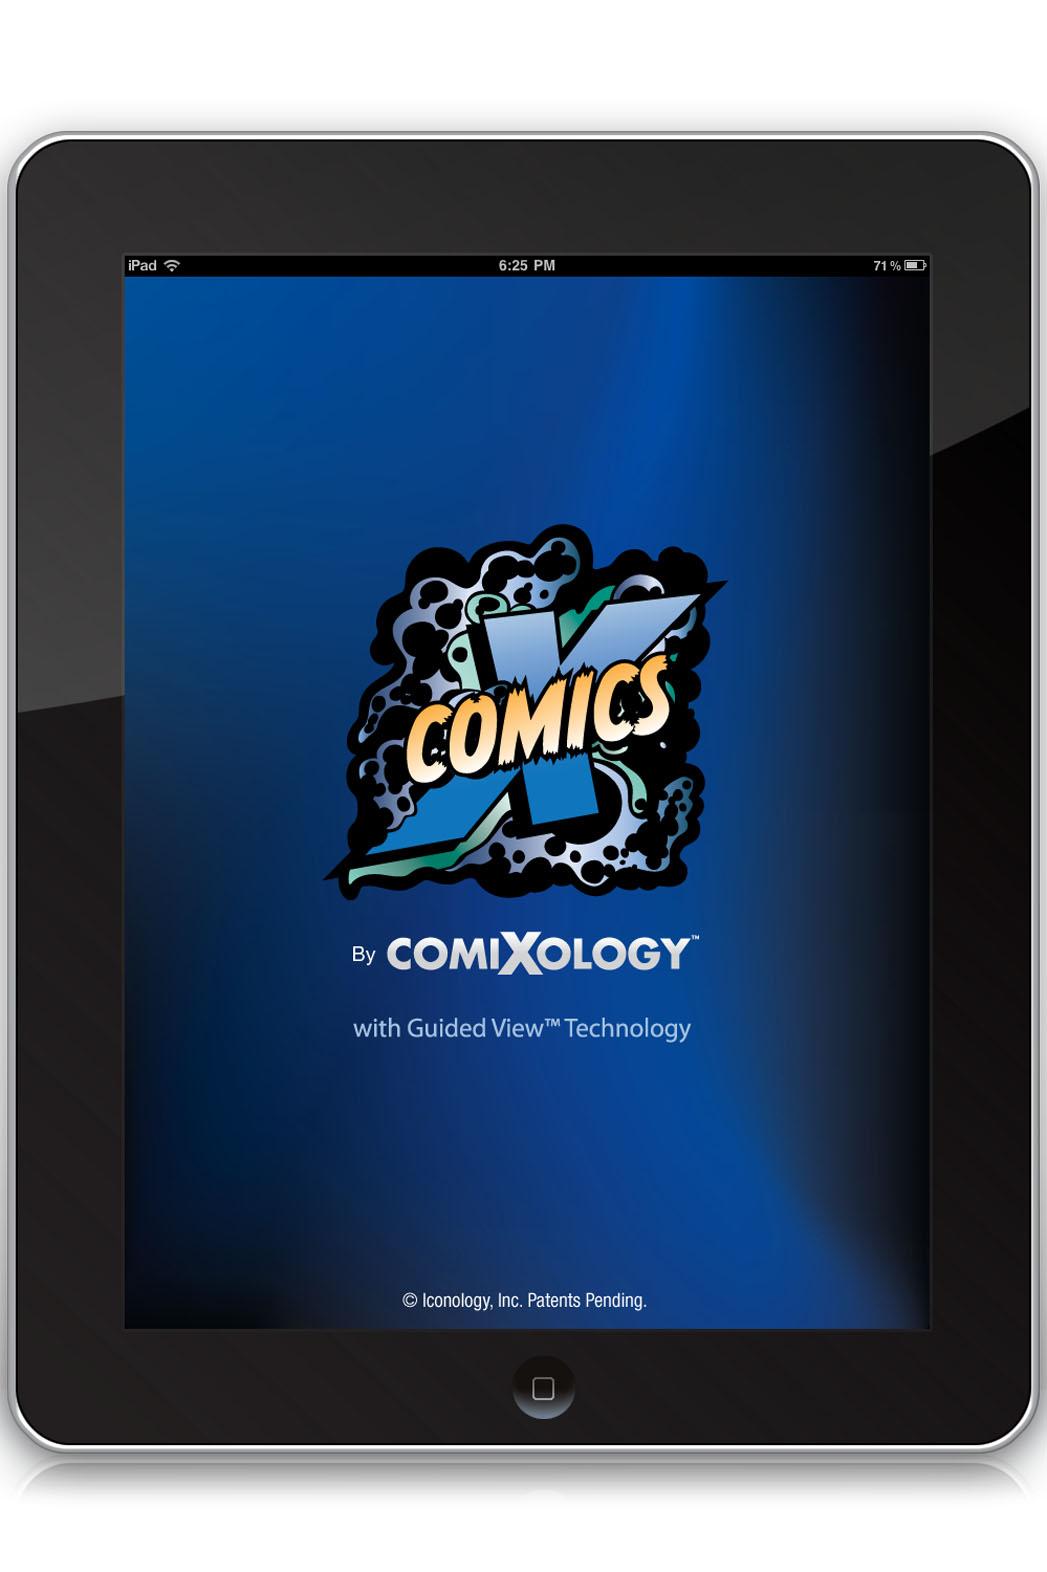 ComiXology Promo - P 2014